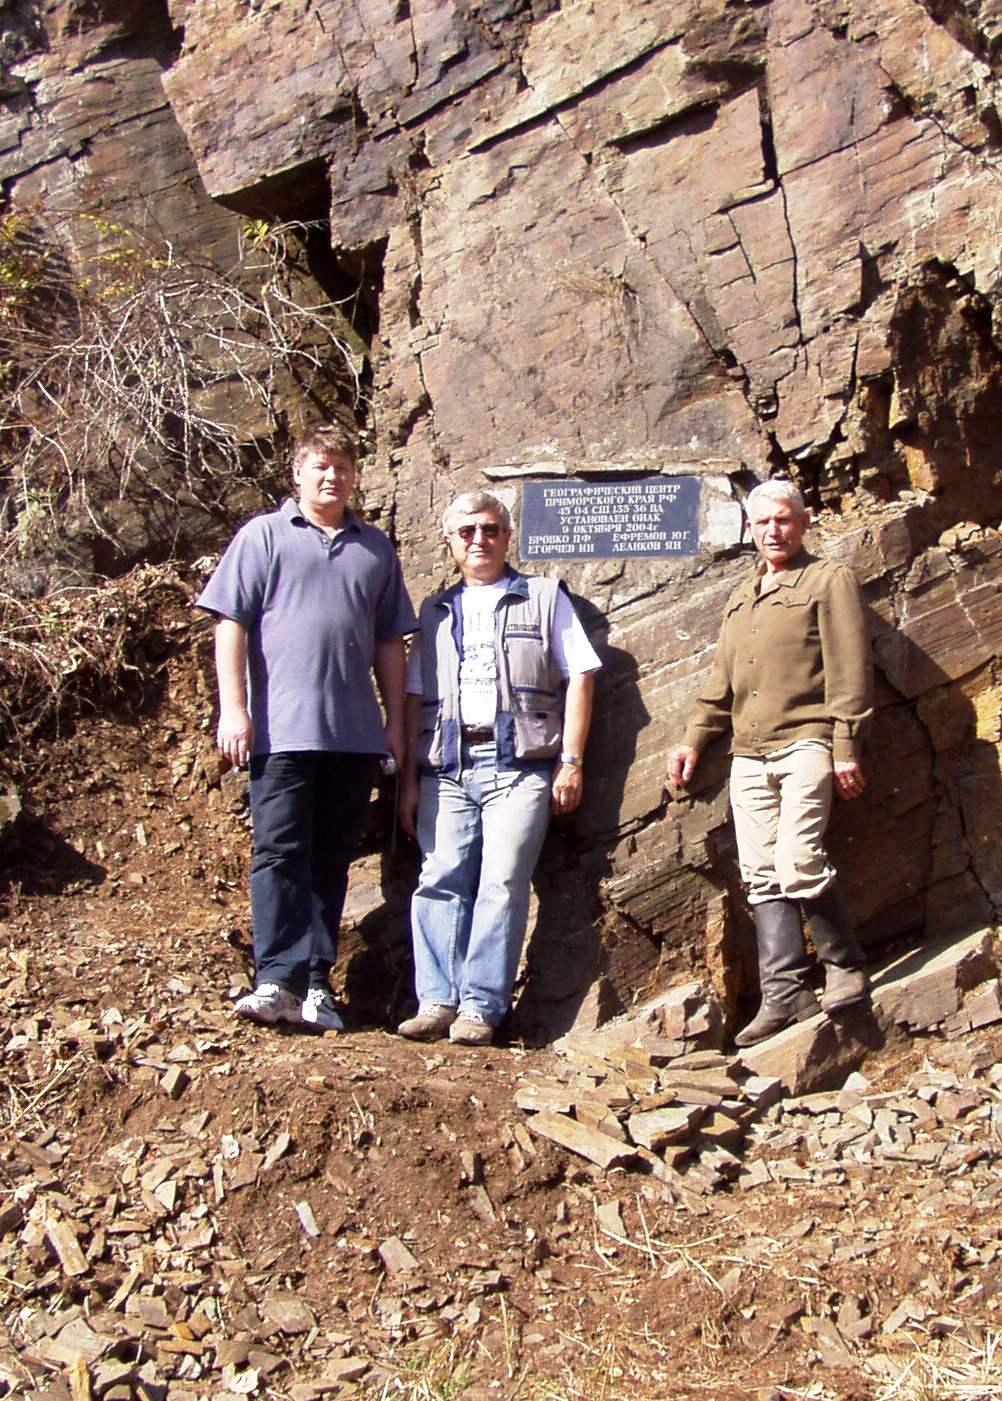 Ю. Ефремов, П. Бровко и Я. Леликов в Географическом центре Приморья. 9 октября 2004. Фото И. Егорчева